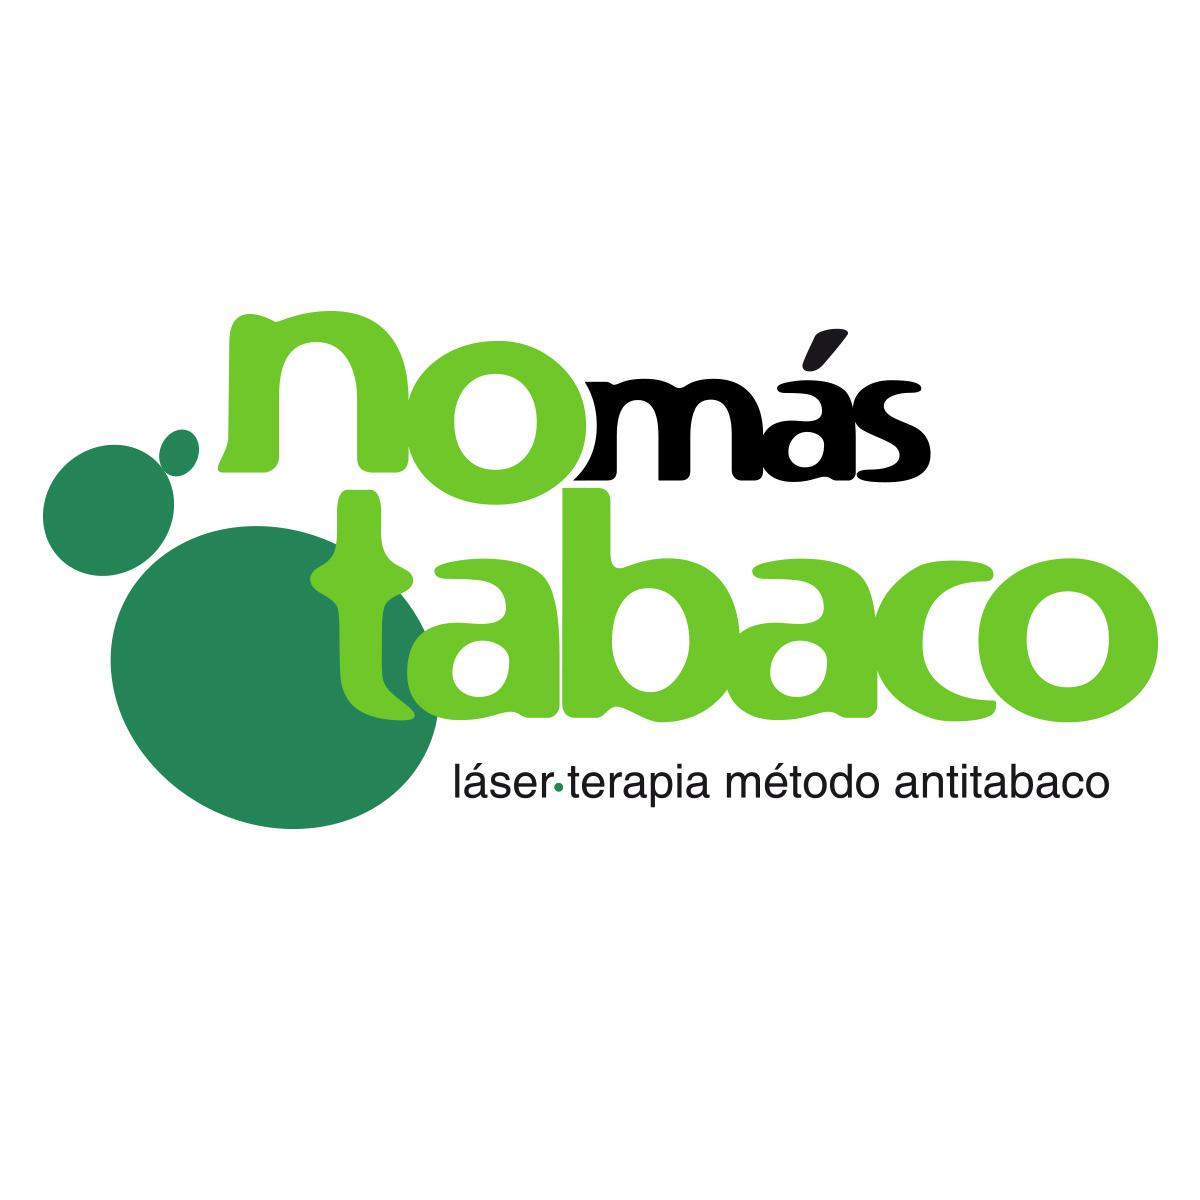 Logotipo No más tabaco